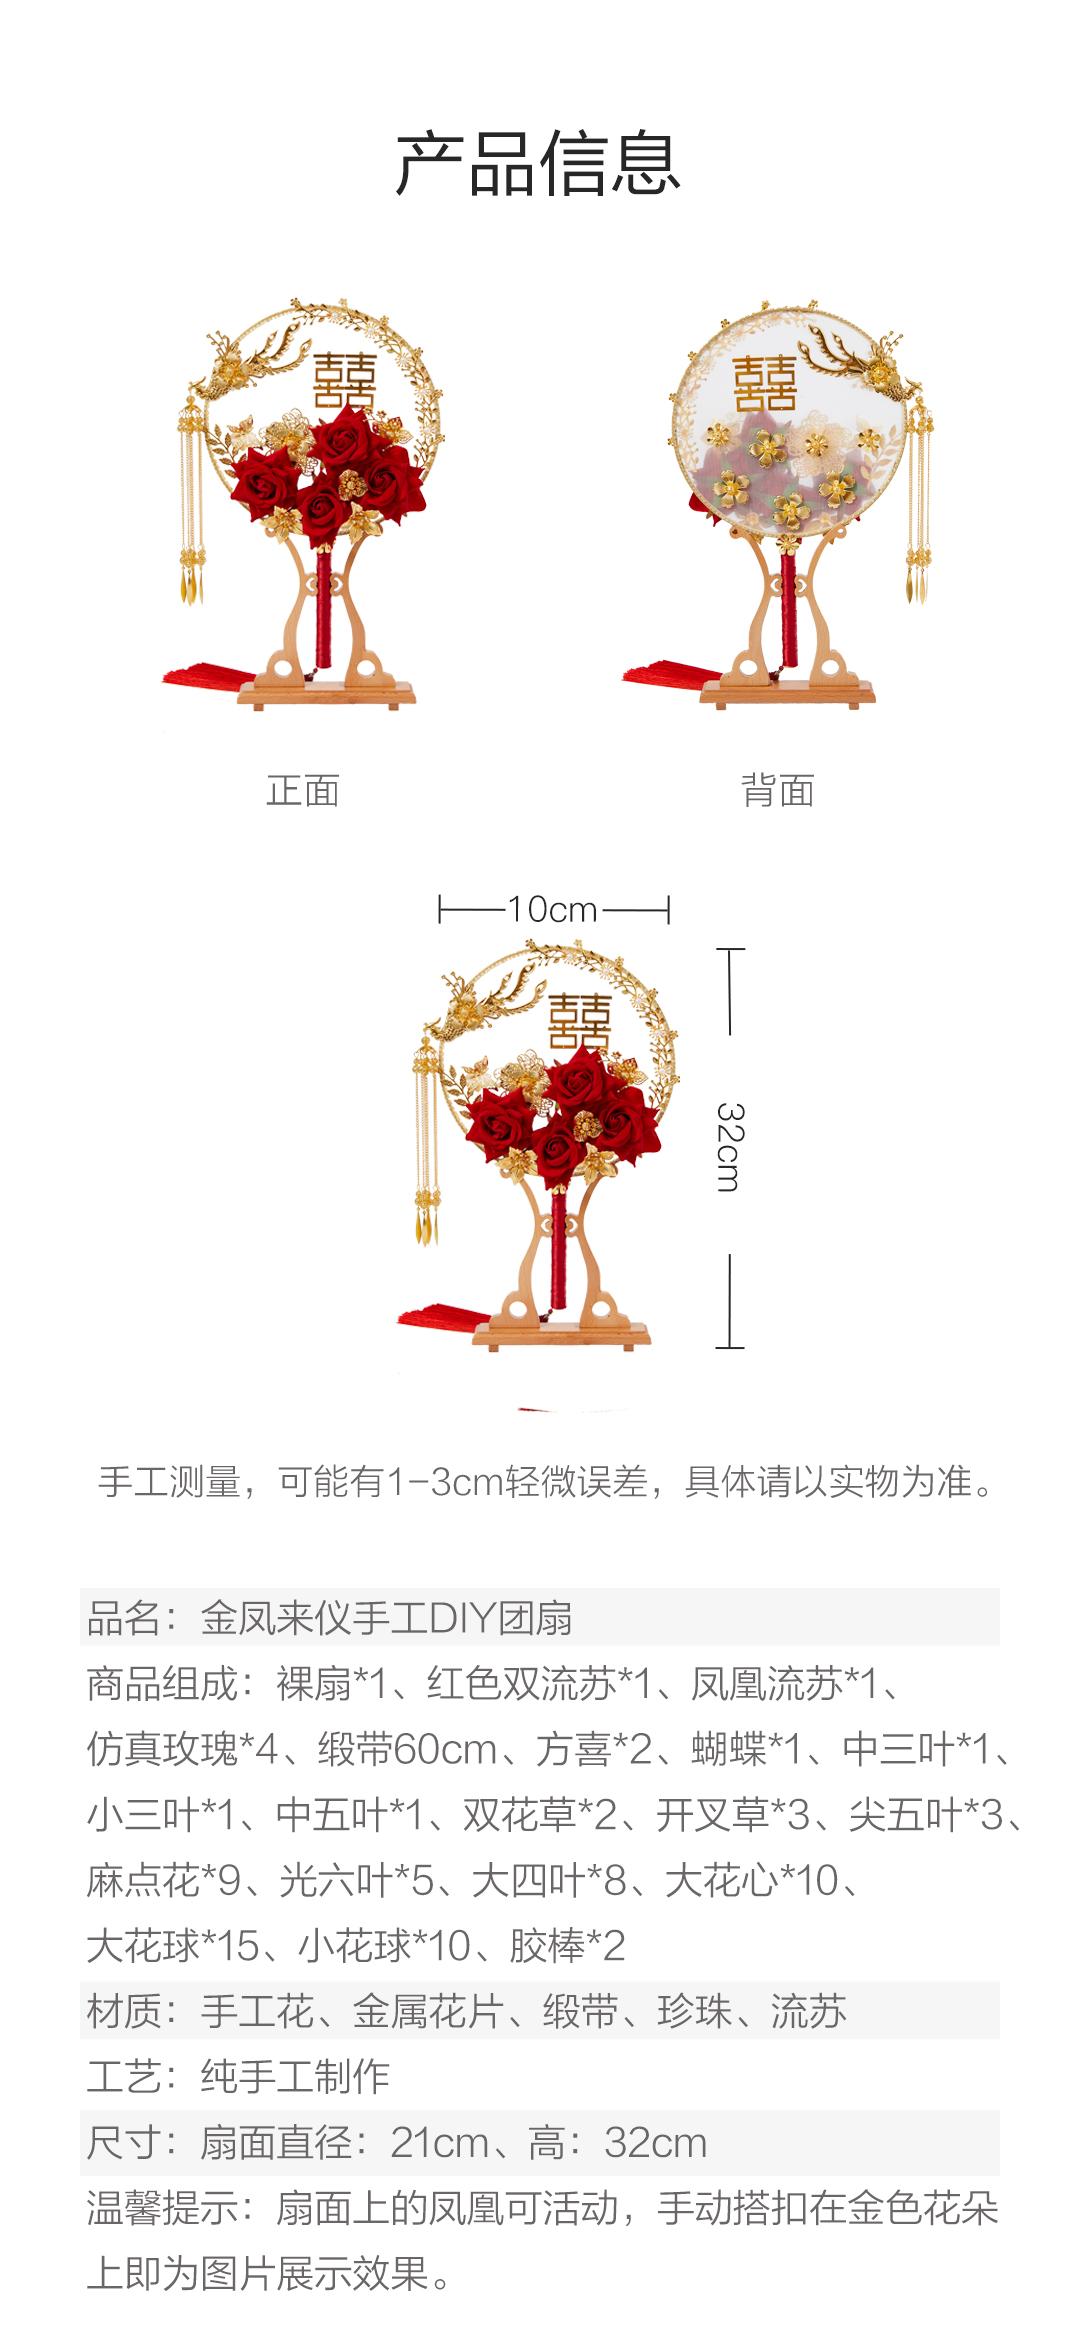 金凤来仪手工DIY团扇材料包